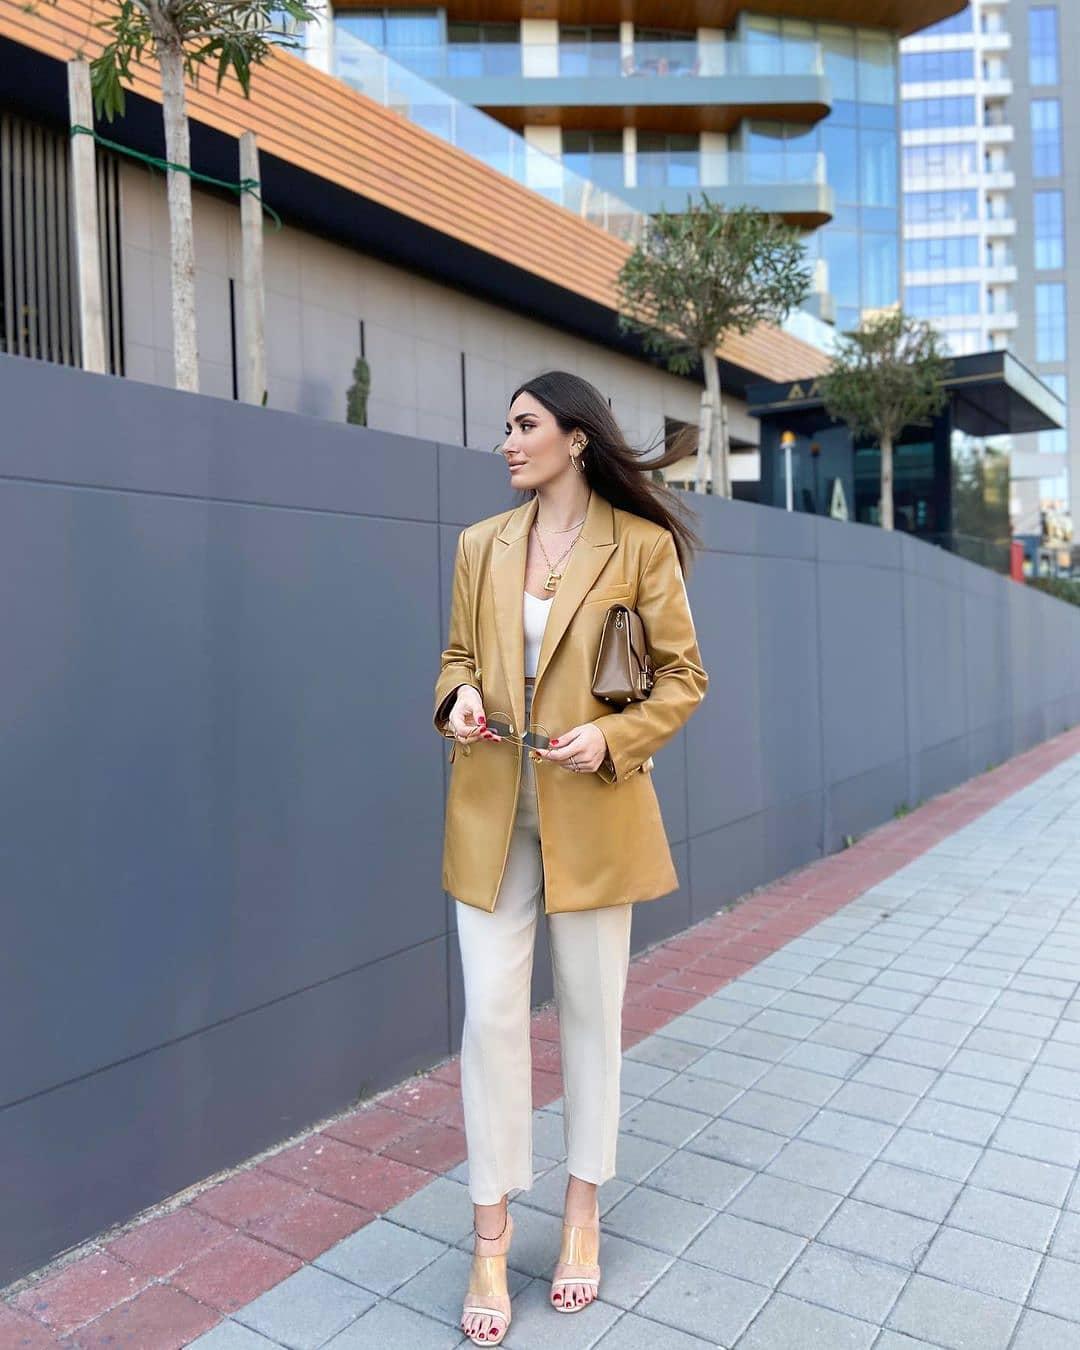 jacket combi de Mango sur mango.outfits